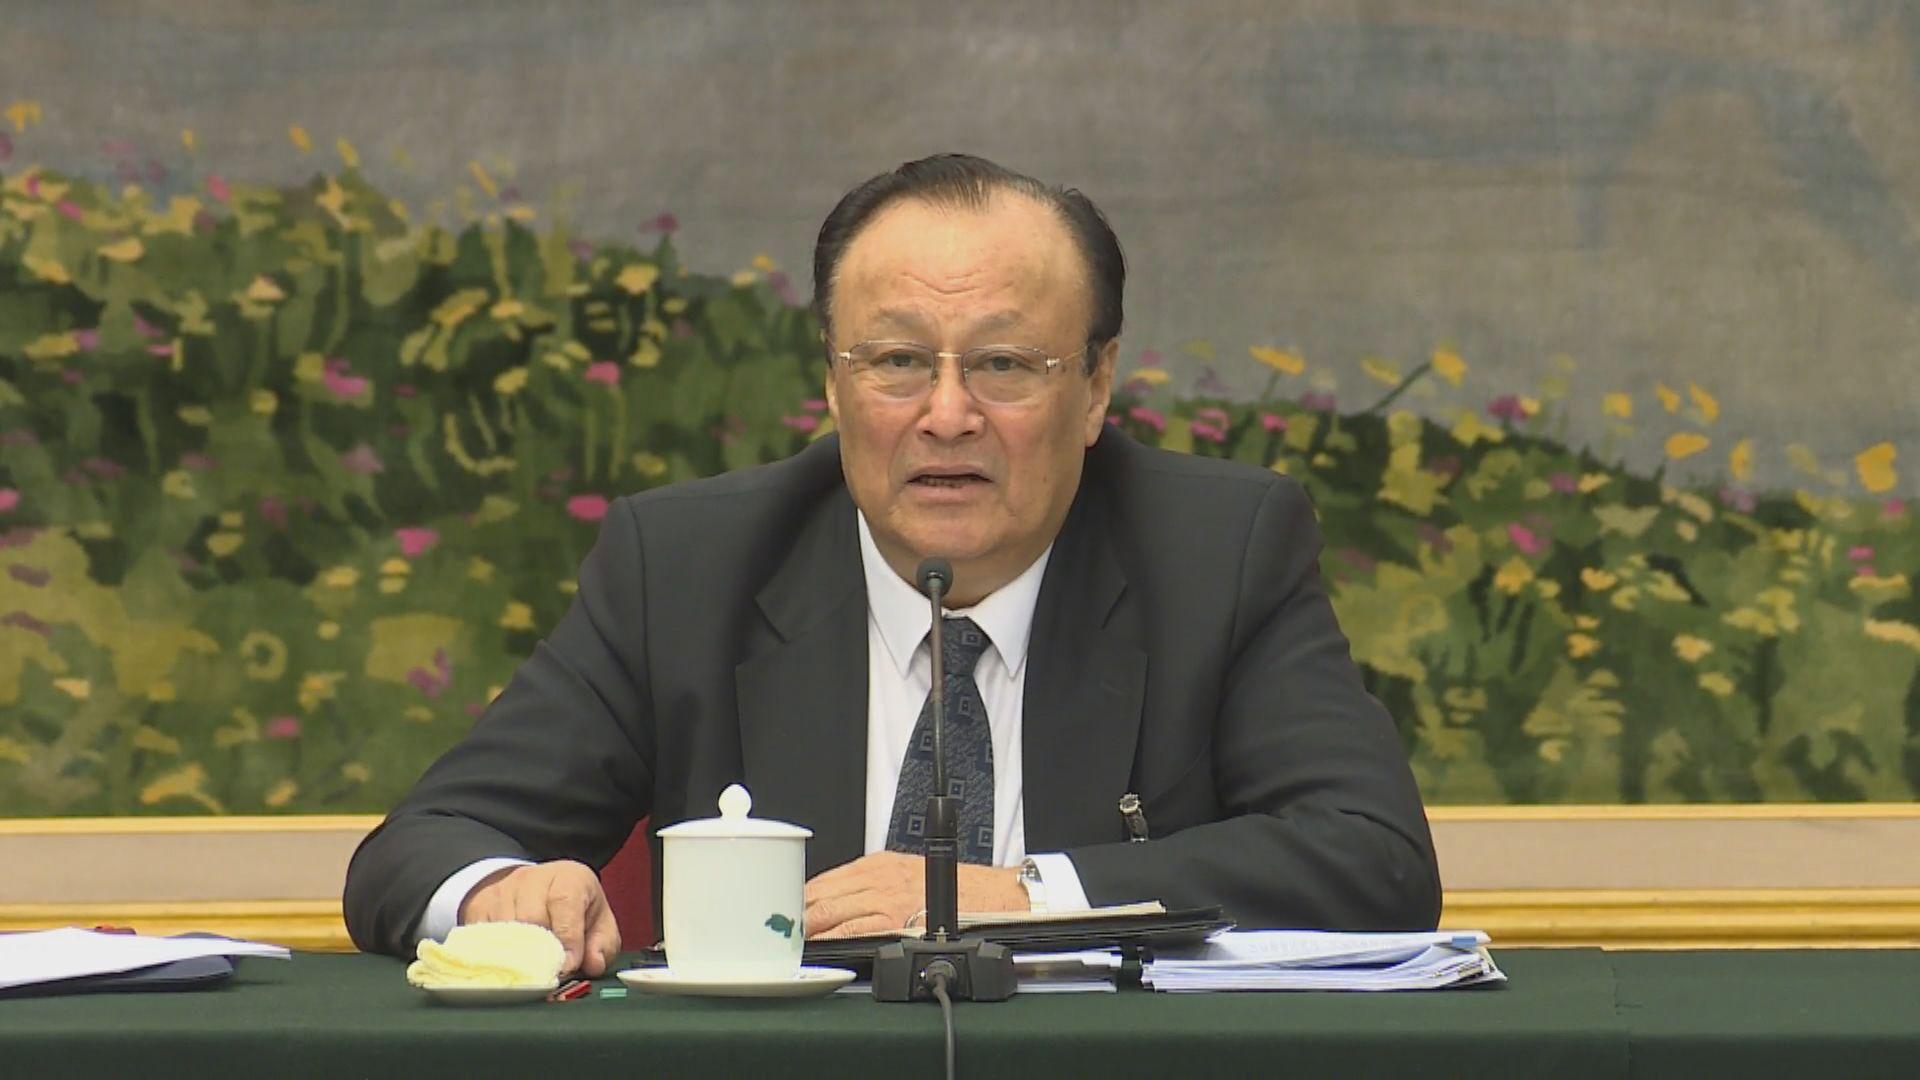 新疆政府指「再教育營」 說法荒謬捏造